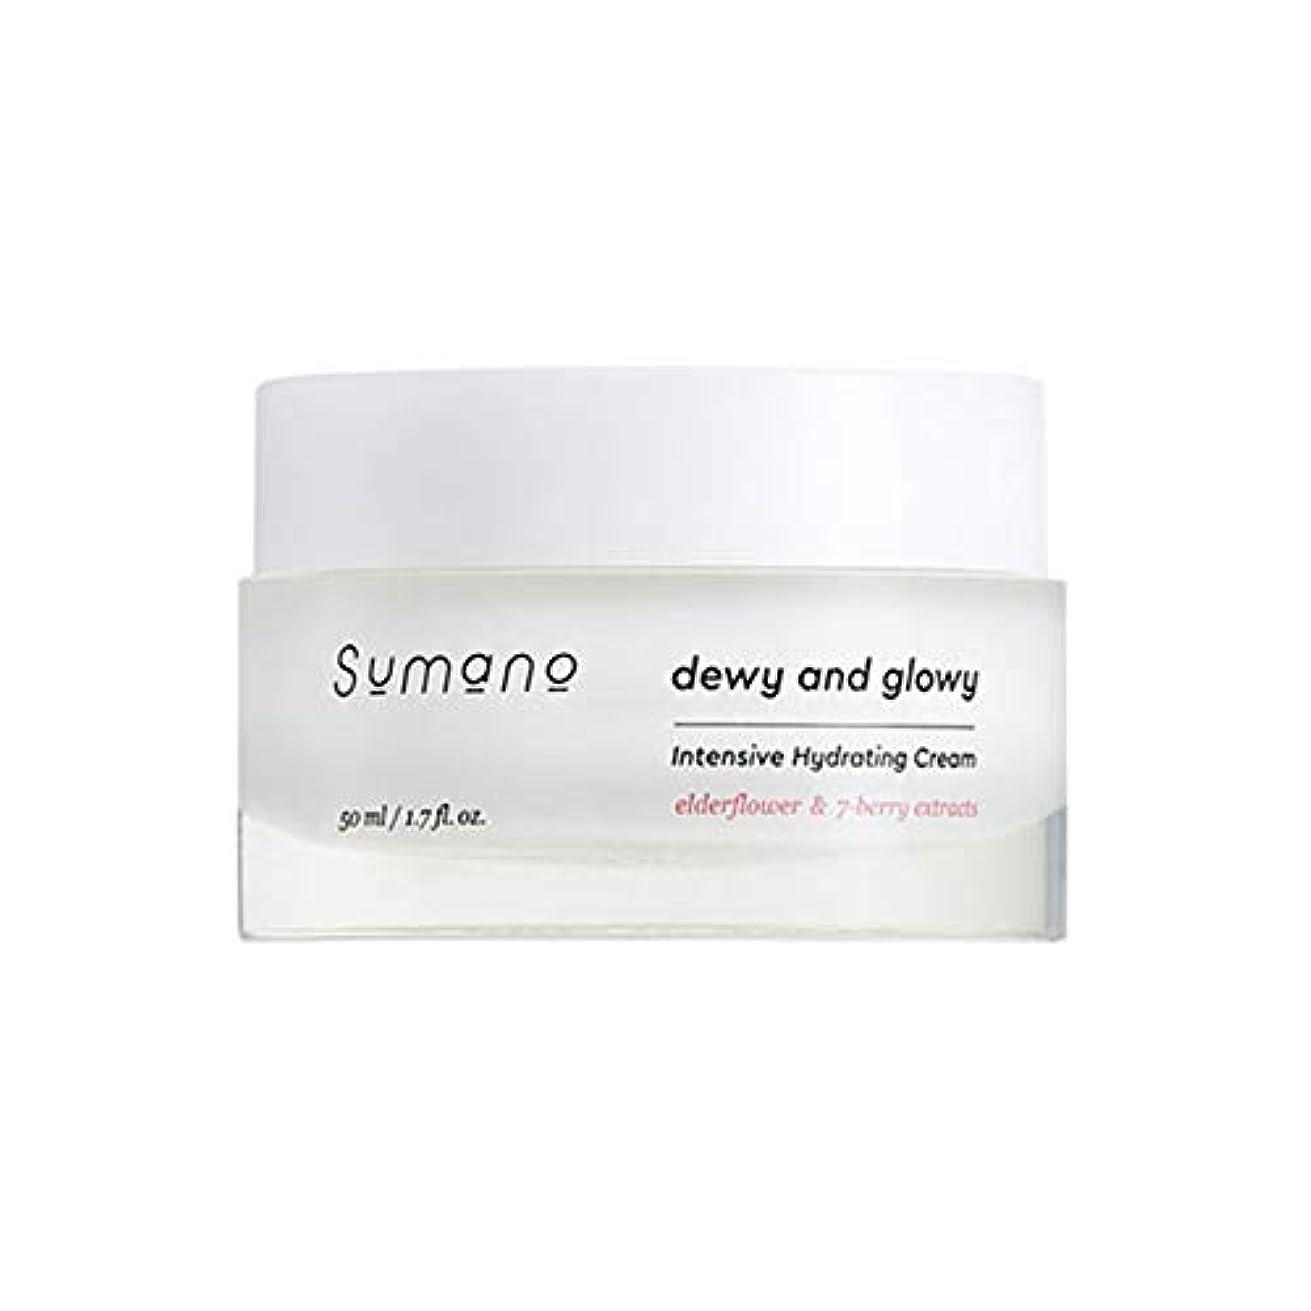 爆風カリングイチゴ[SUMANO/スマノ] Sumano Intensive Hydrating Cream/インテンシブクリーム Skingarden/スキンガーデン